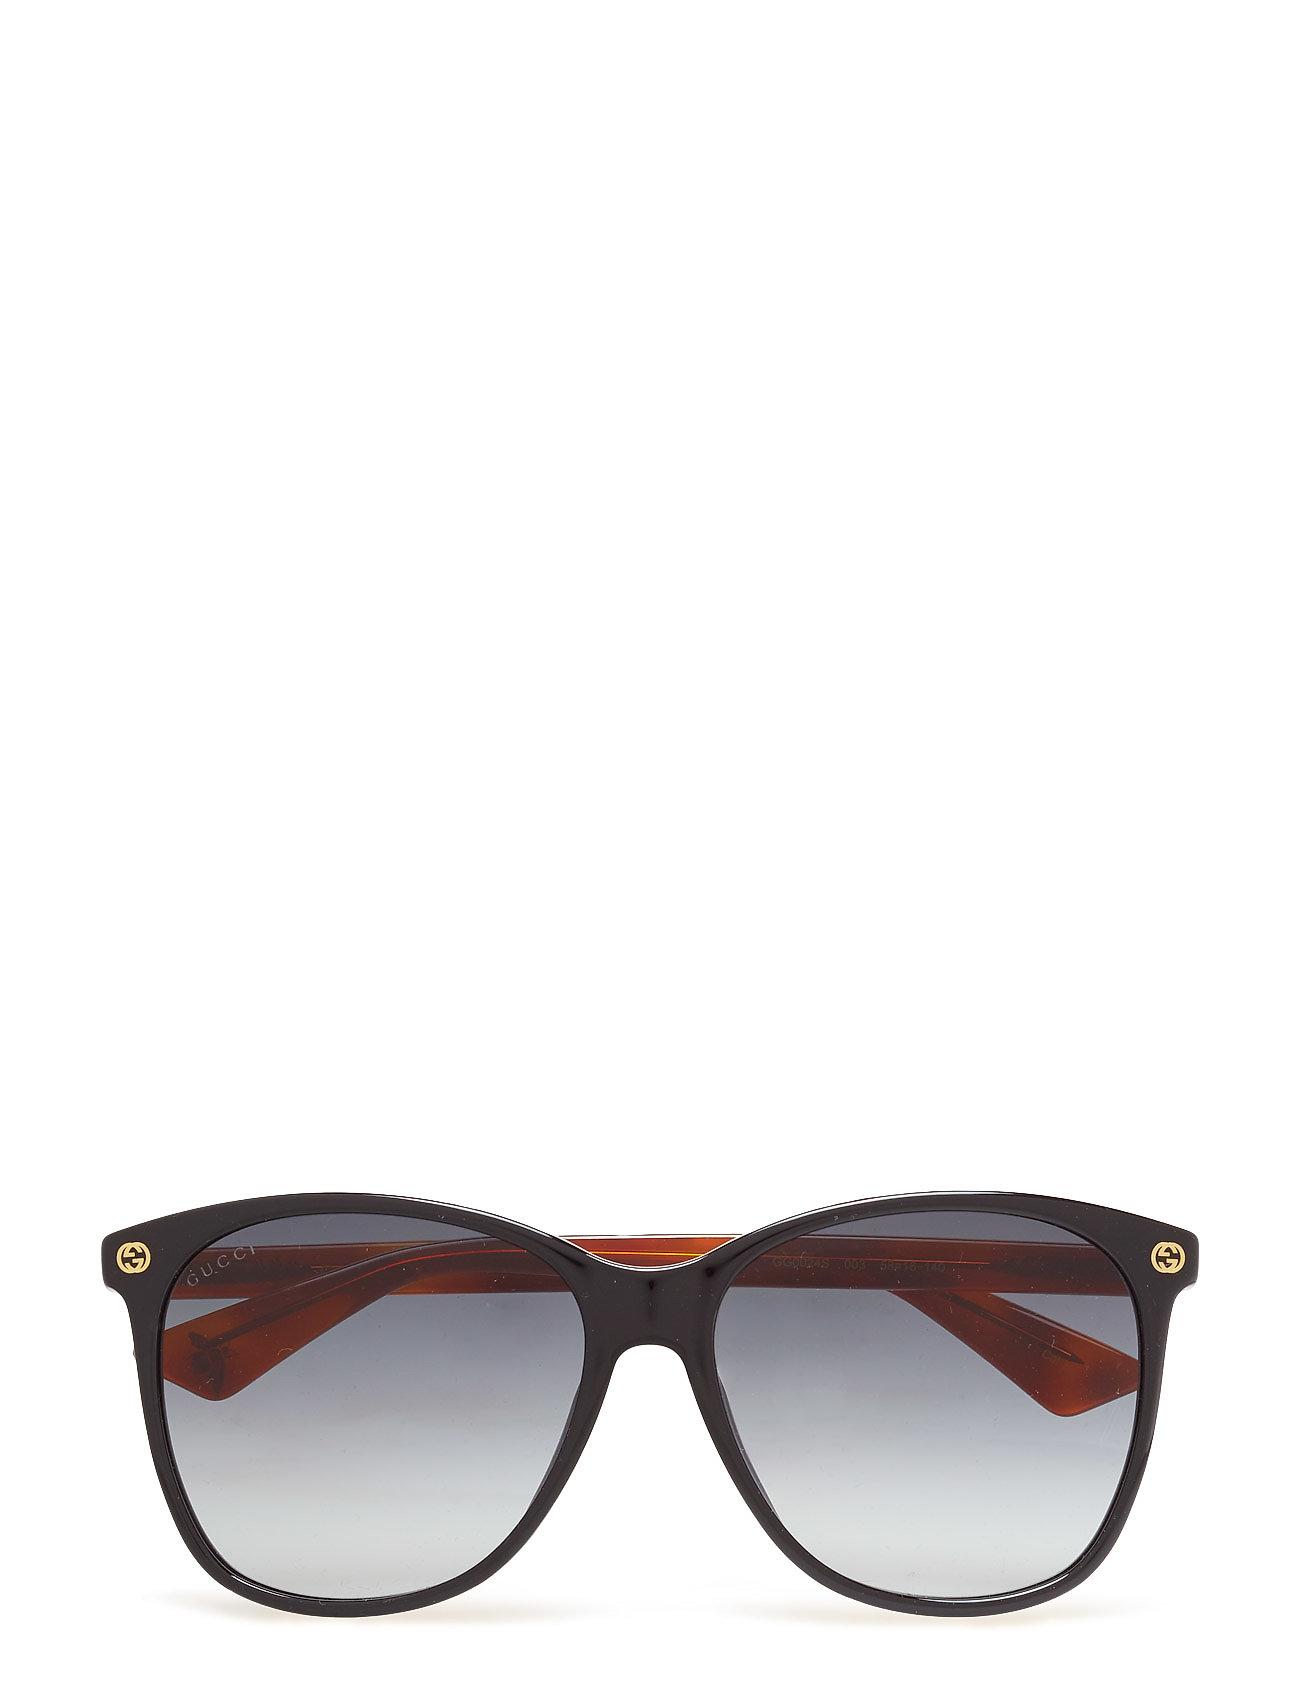 Gg0024s Gucci Sunglasses Solbriller til Kvinder i